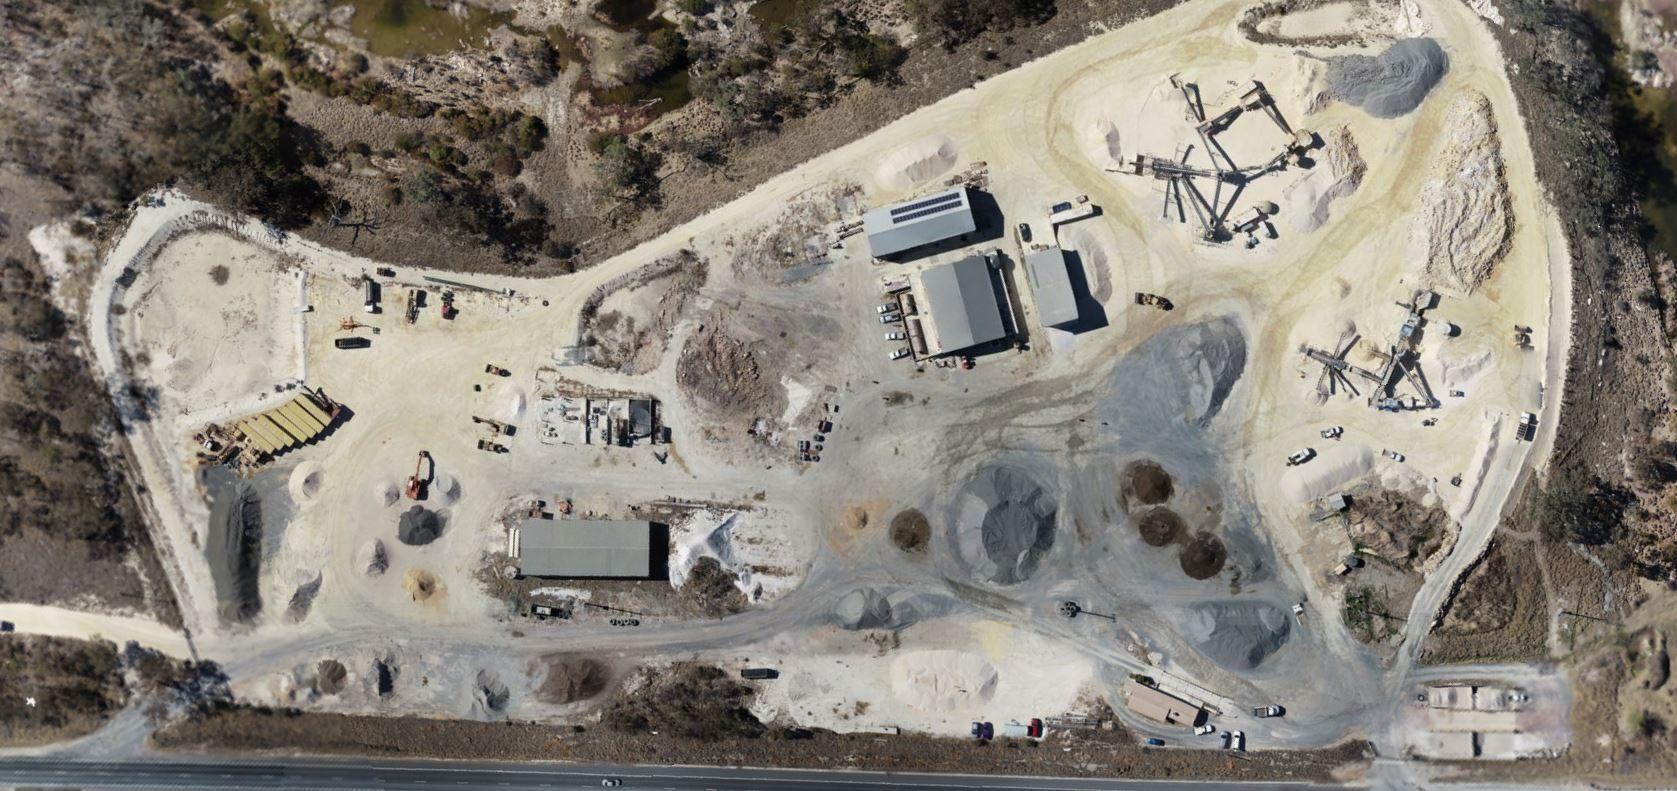 Sunnyside DMC quarry